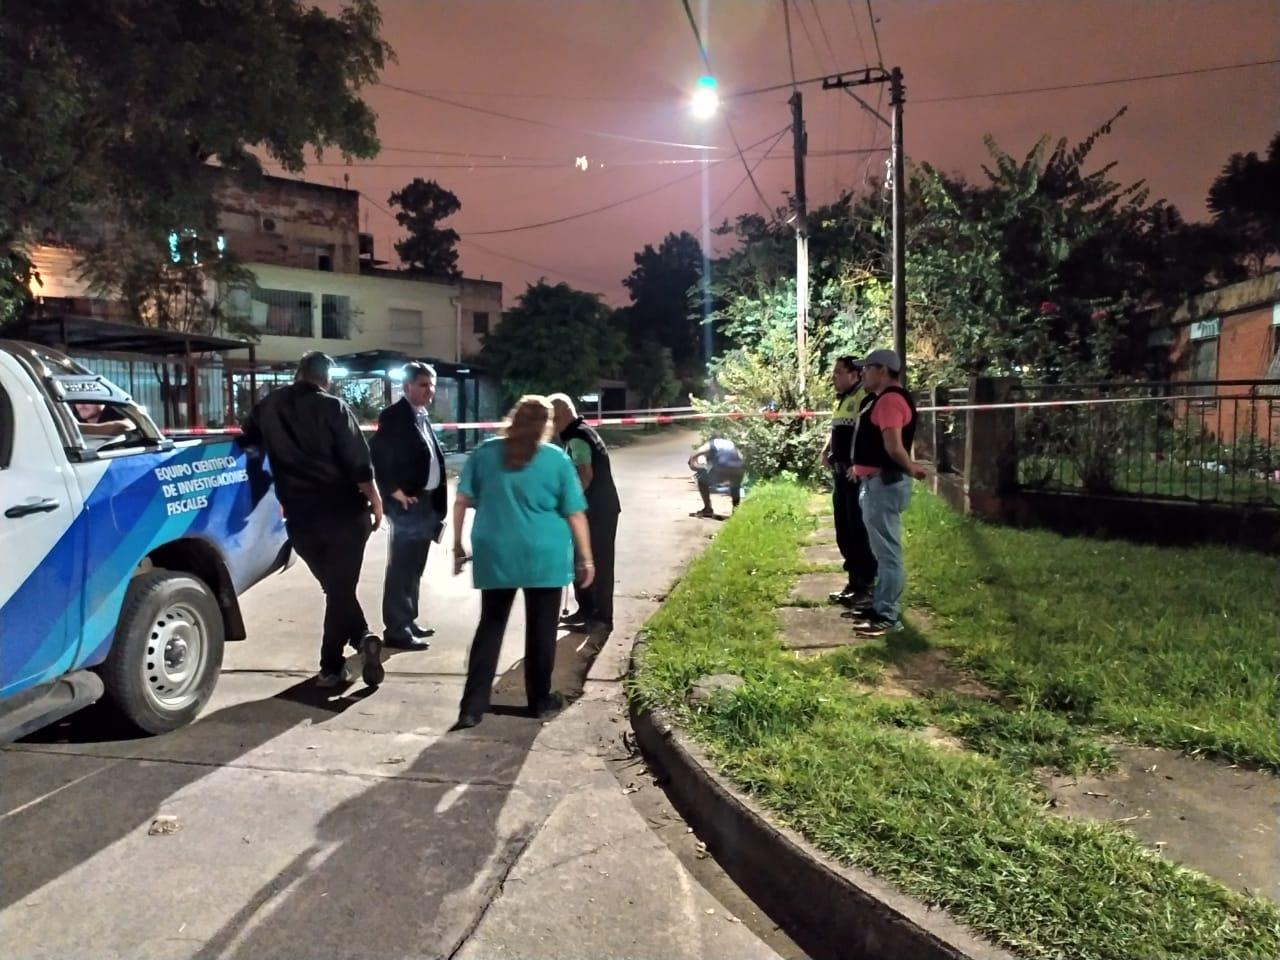 Manzur sumó un muerto mas a su lista: asesinaron a un vigía en el barrio Padilla 1